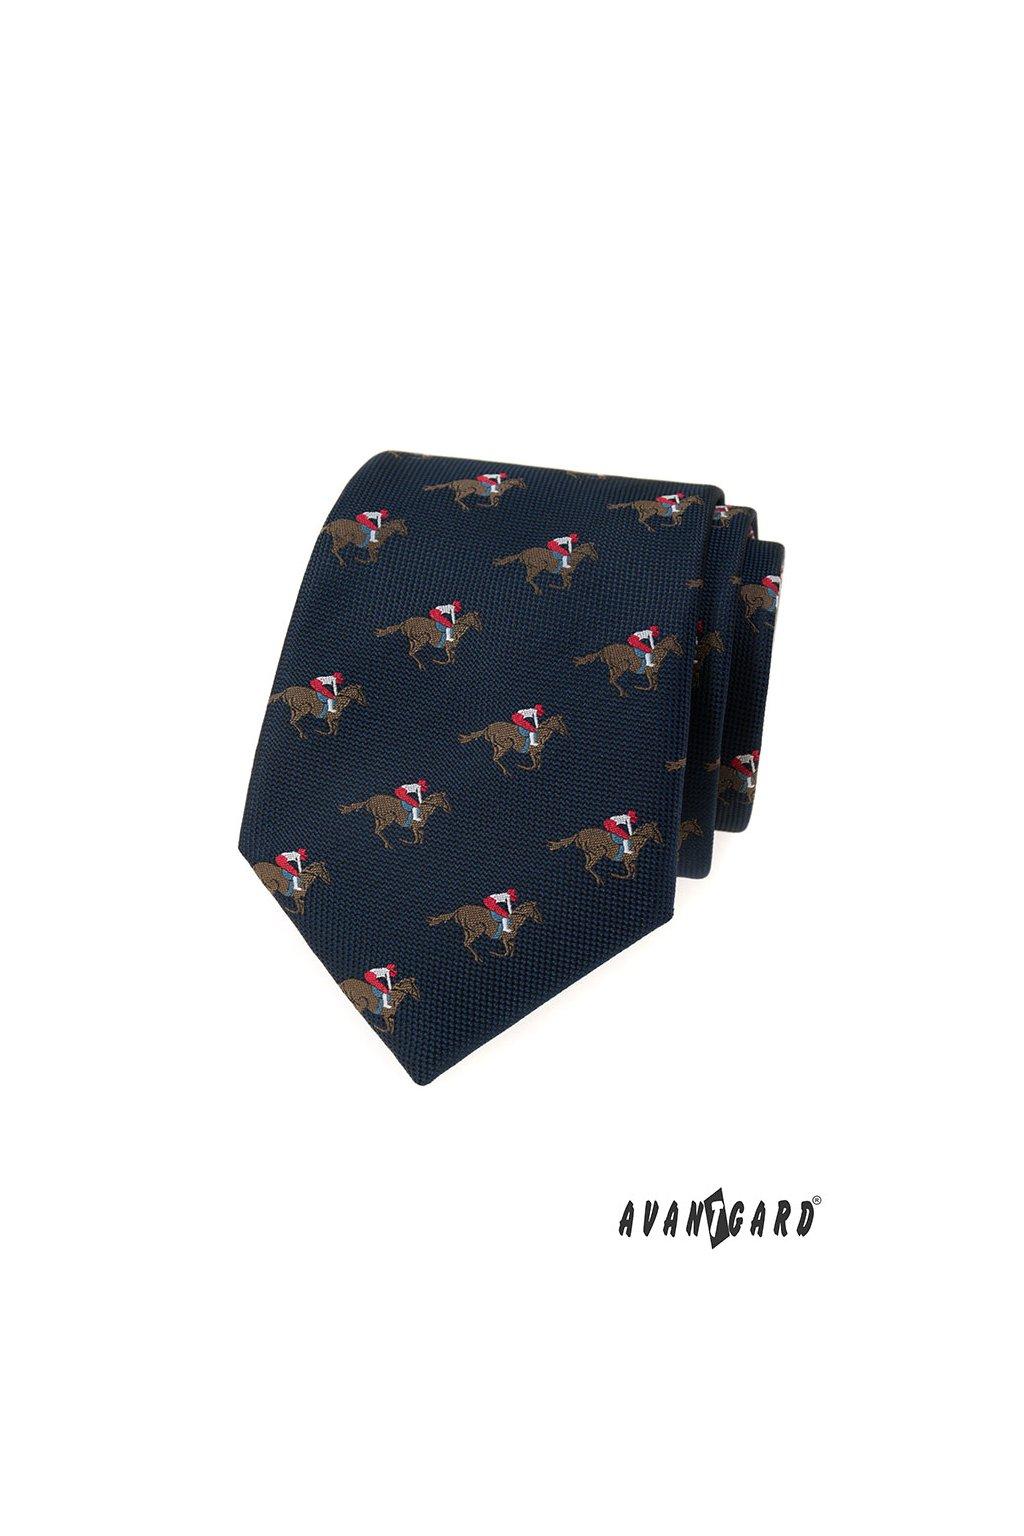 Modrá luxusní kravata s koněm 561 - 81177